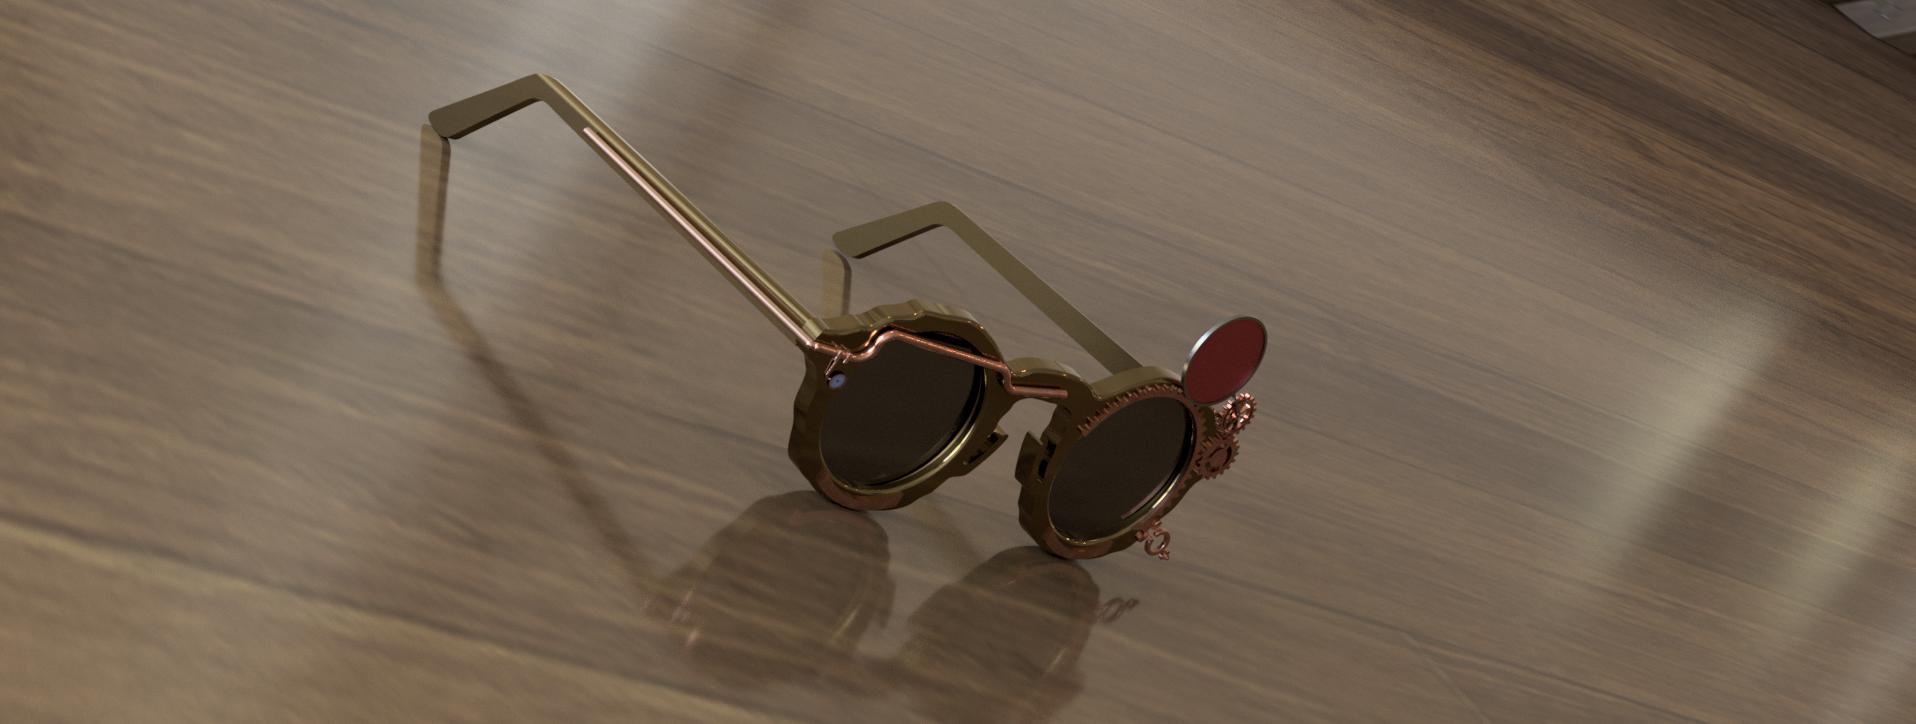 Dessin 3D des lunettes de soleil steampunk